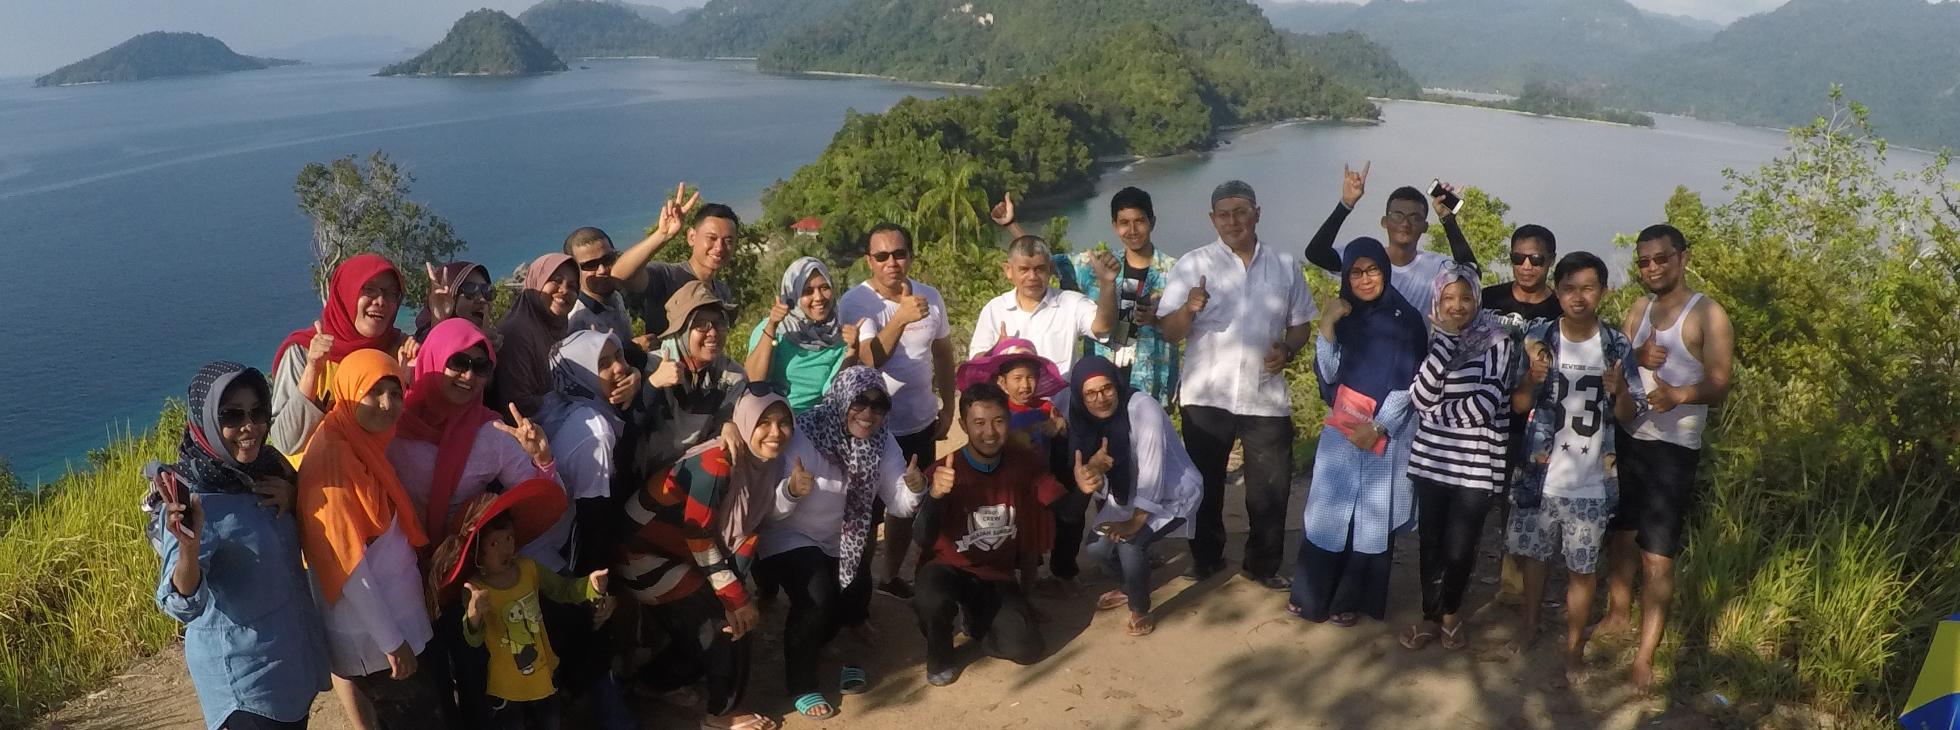 Paket Tour Padang Wisata Pulau Sumbar – Padang City Tour 2D1N A